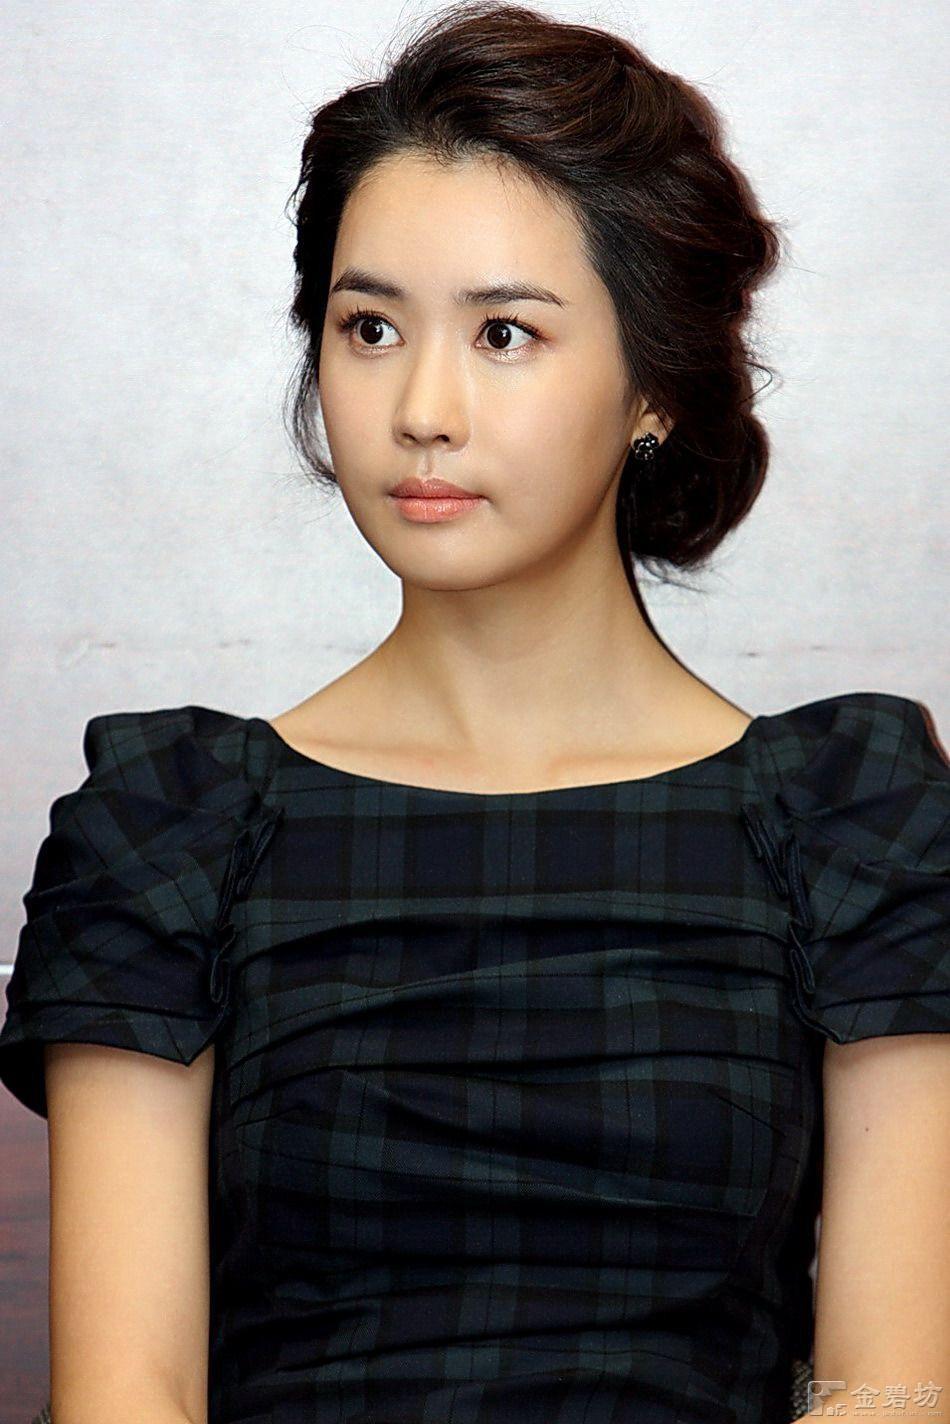 Tuy nhiên khi mới vào nghề, Lee Da Hae đã thay đổi hoàn toàn. Gương mặt của Lee Da Hae được hoàn thiện hơn ở phần mí mắt, cằm và mũi